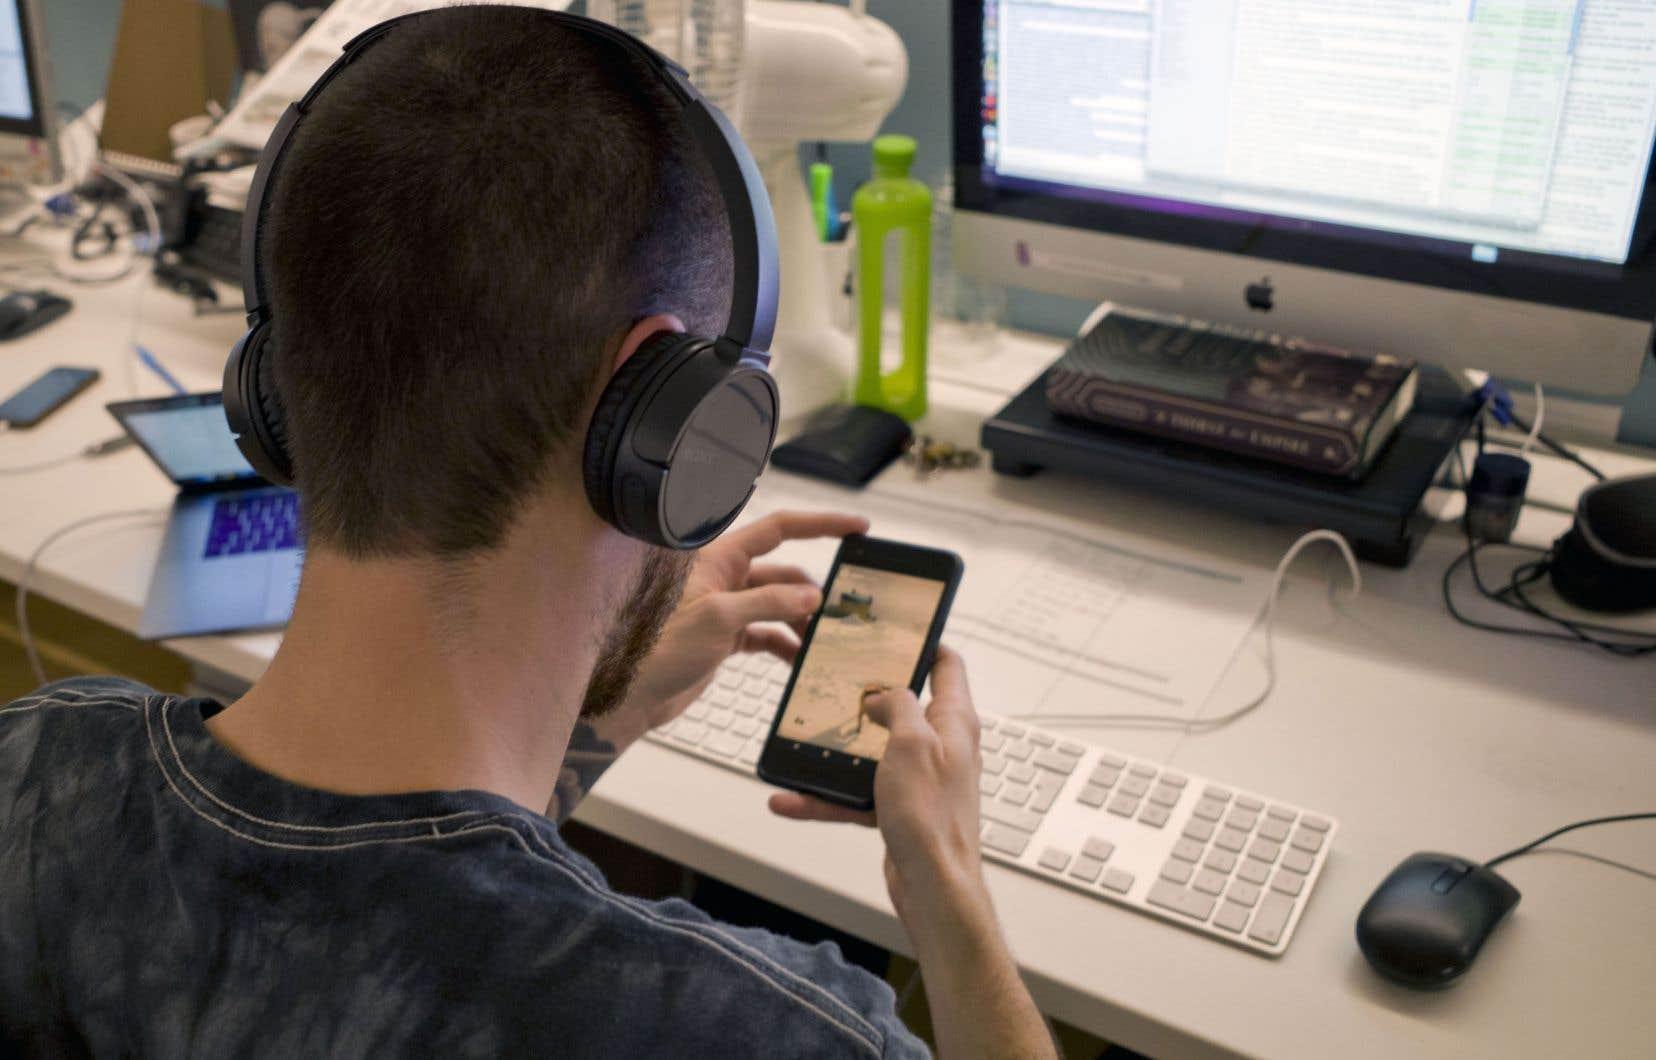 Le cabinet eMarketer s'attend à ce que le chiffre d'affaires publicitaire des podcasts aux États-Unis franchisse cette année 1,33milliard de dollars.